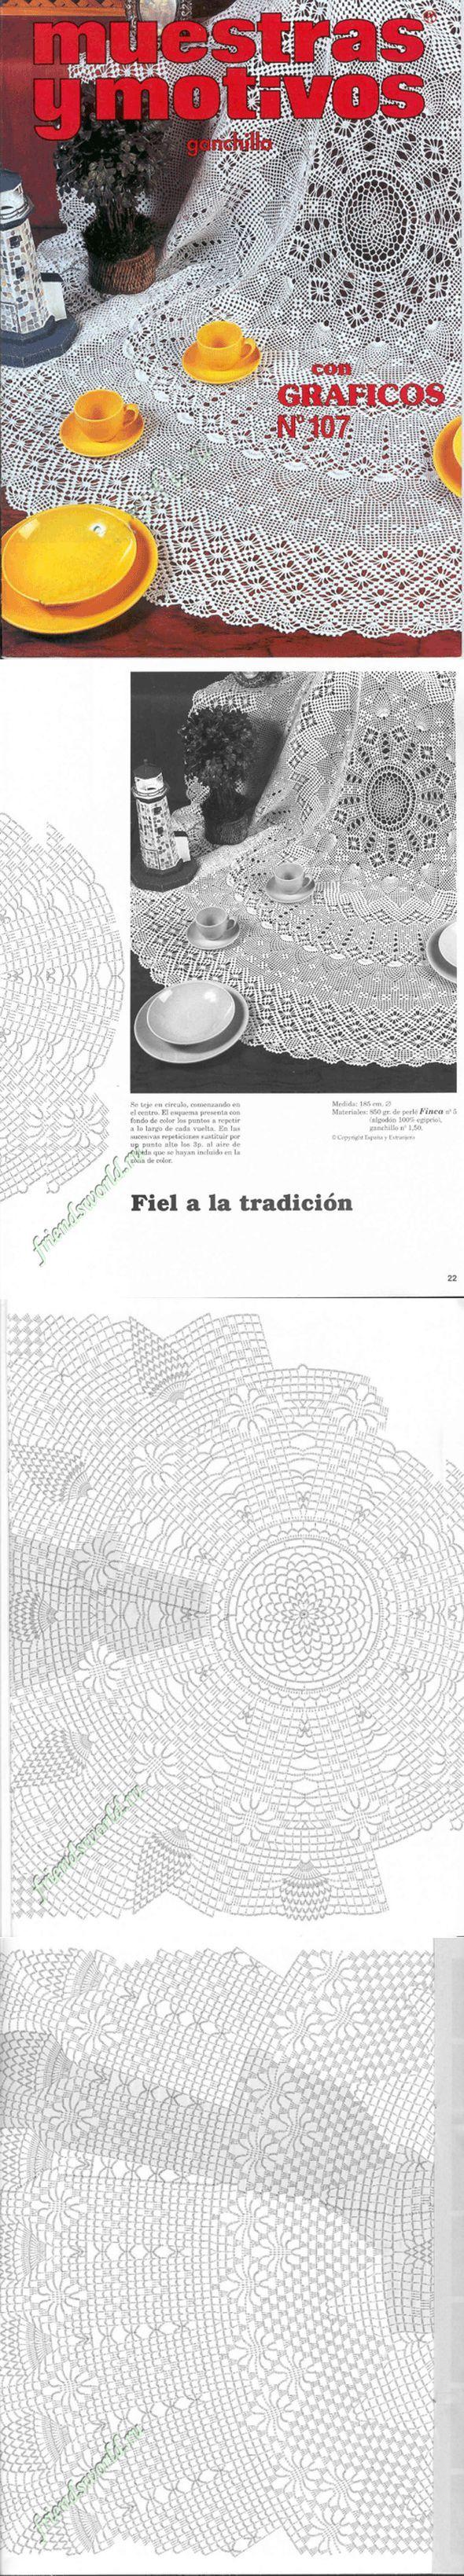 МОИ ПЕТЕЛЬКИ: Muestras y Motivos ganchillo №107 салфетки, скатерти, занавески, покрывала...<3 Deniz <3